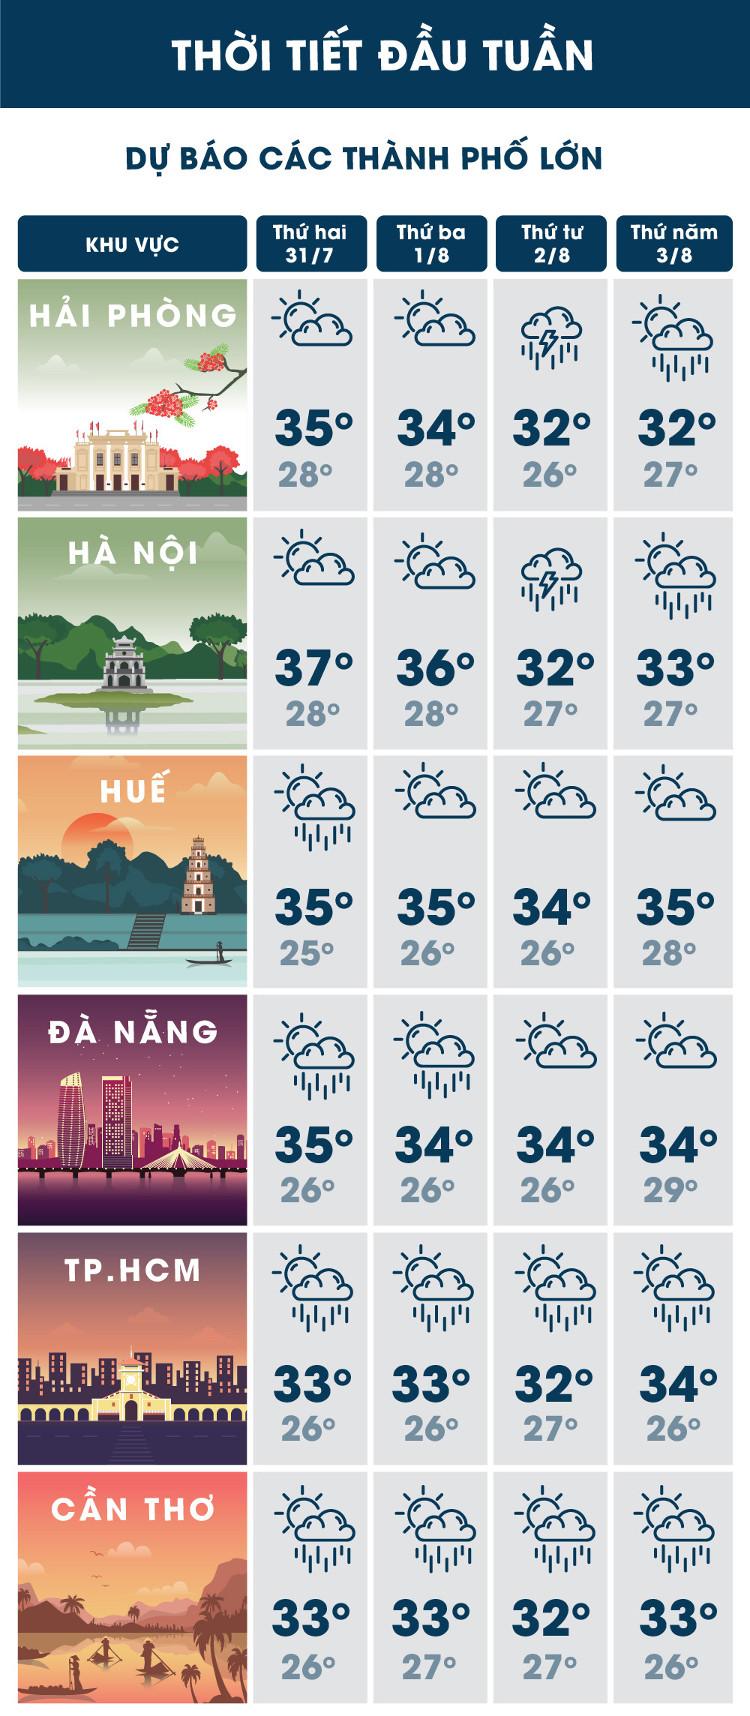 Dự báo thời tiết tại các thành phố lớn.